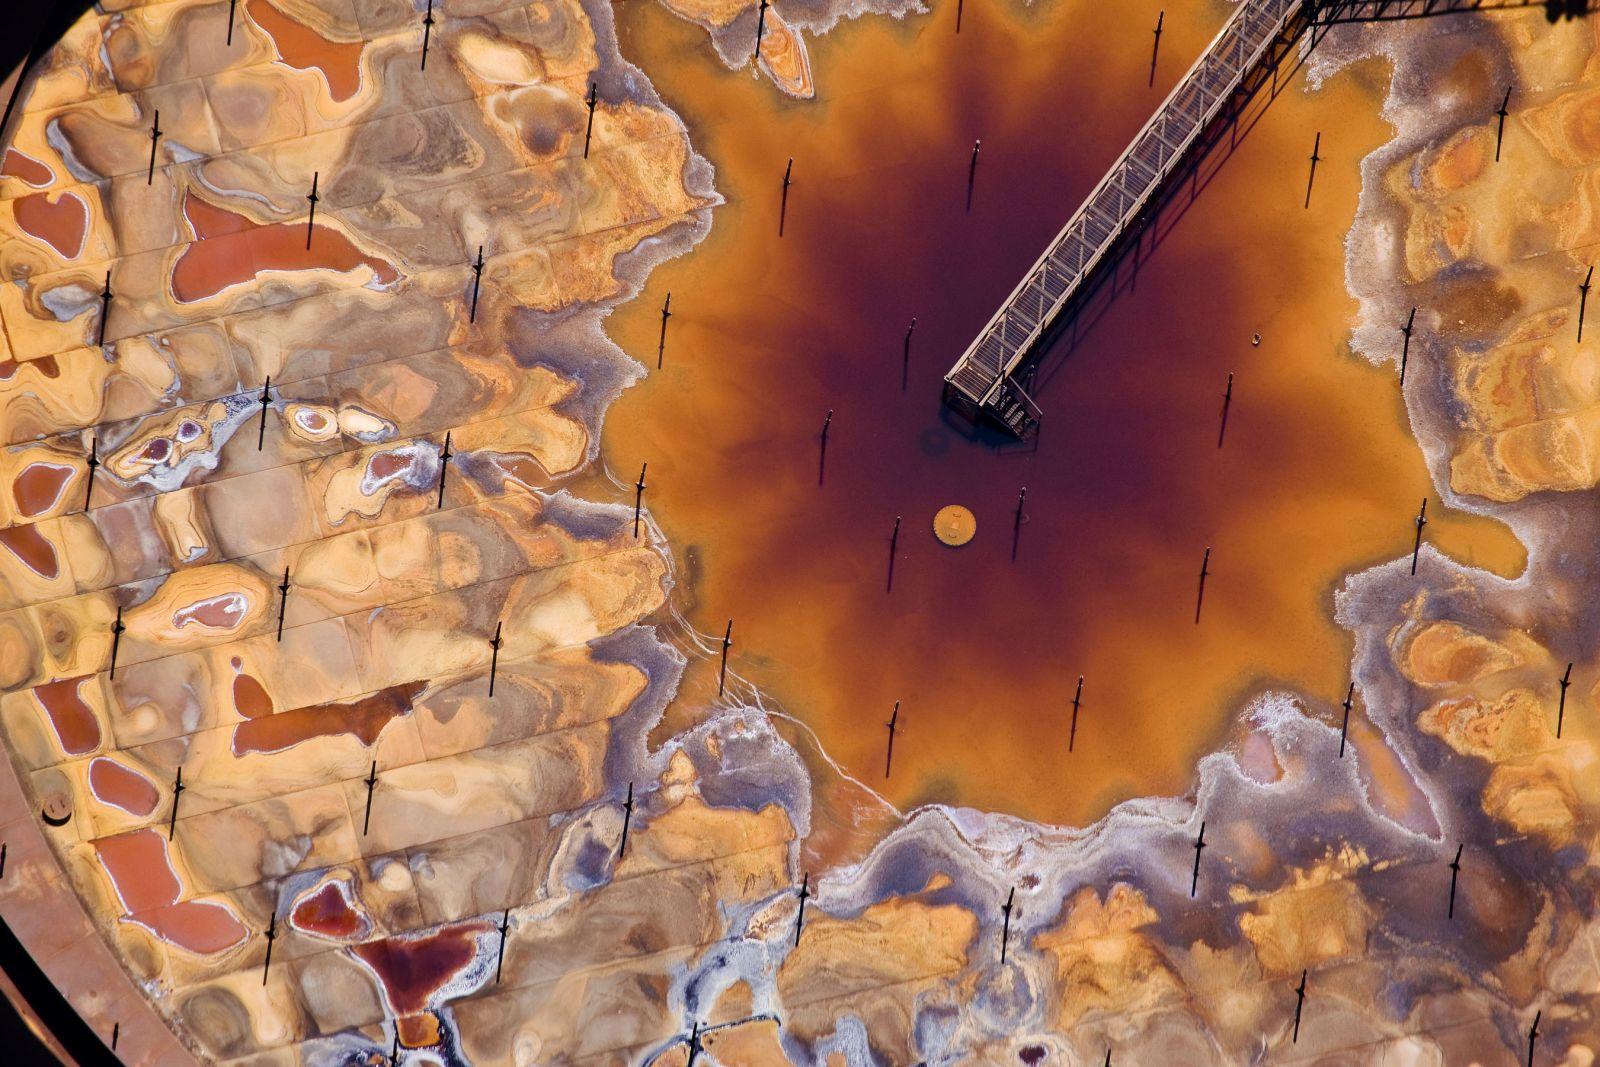 油砂(tar sands)提煉廠一個油罐內的情況。提煉油砂所產生的有害物質令加拿大 Athabasca 由一個原始的濕地系統,變成一片危害生態之地。圖片來源: J Henry Fair